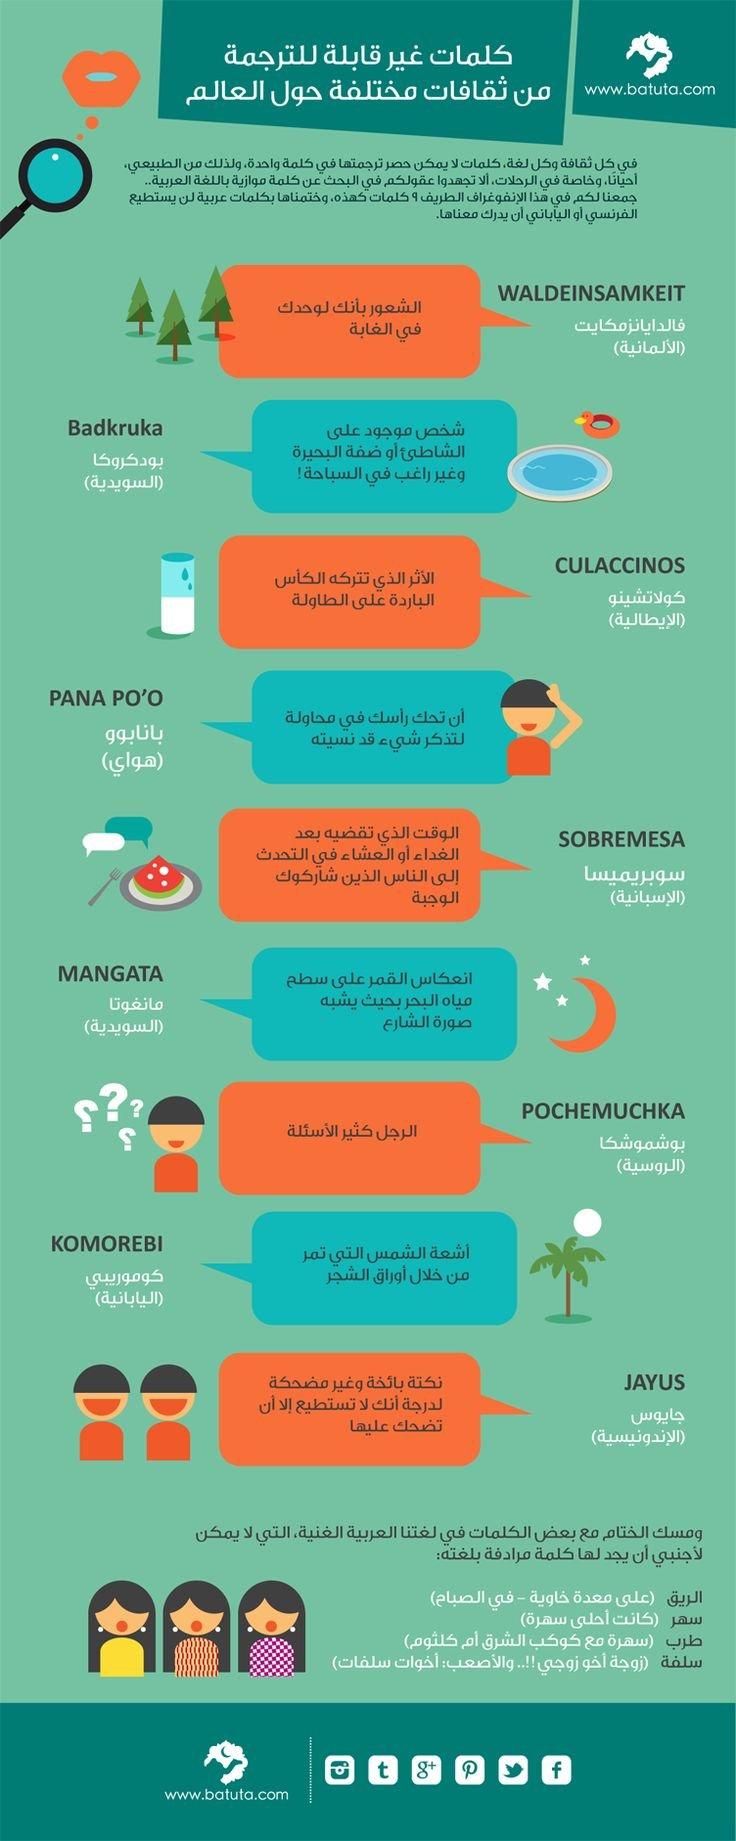 كلمات غير قابلة للترجمة - لا مرادفات لها - من لغات العالم #انفوجرافيك